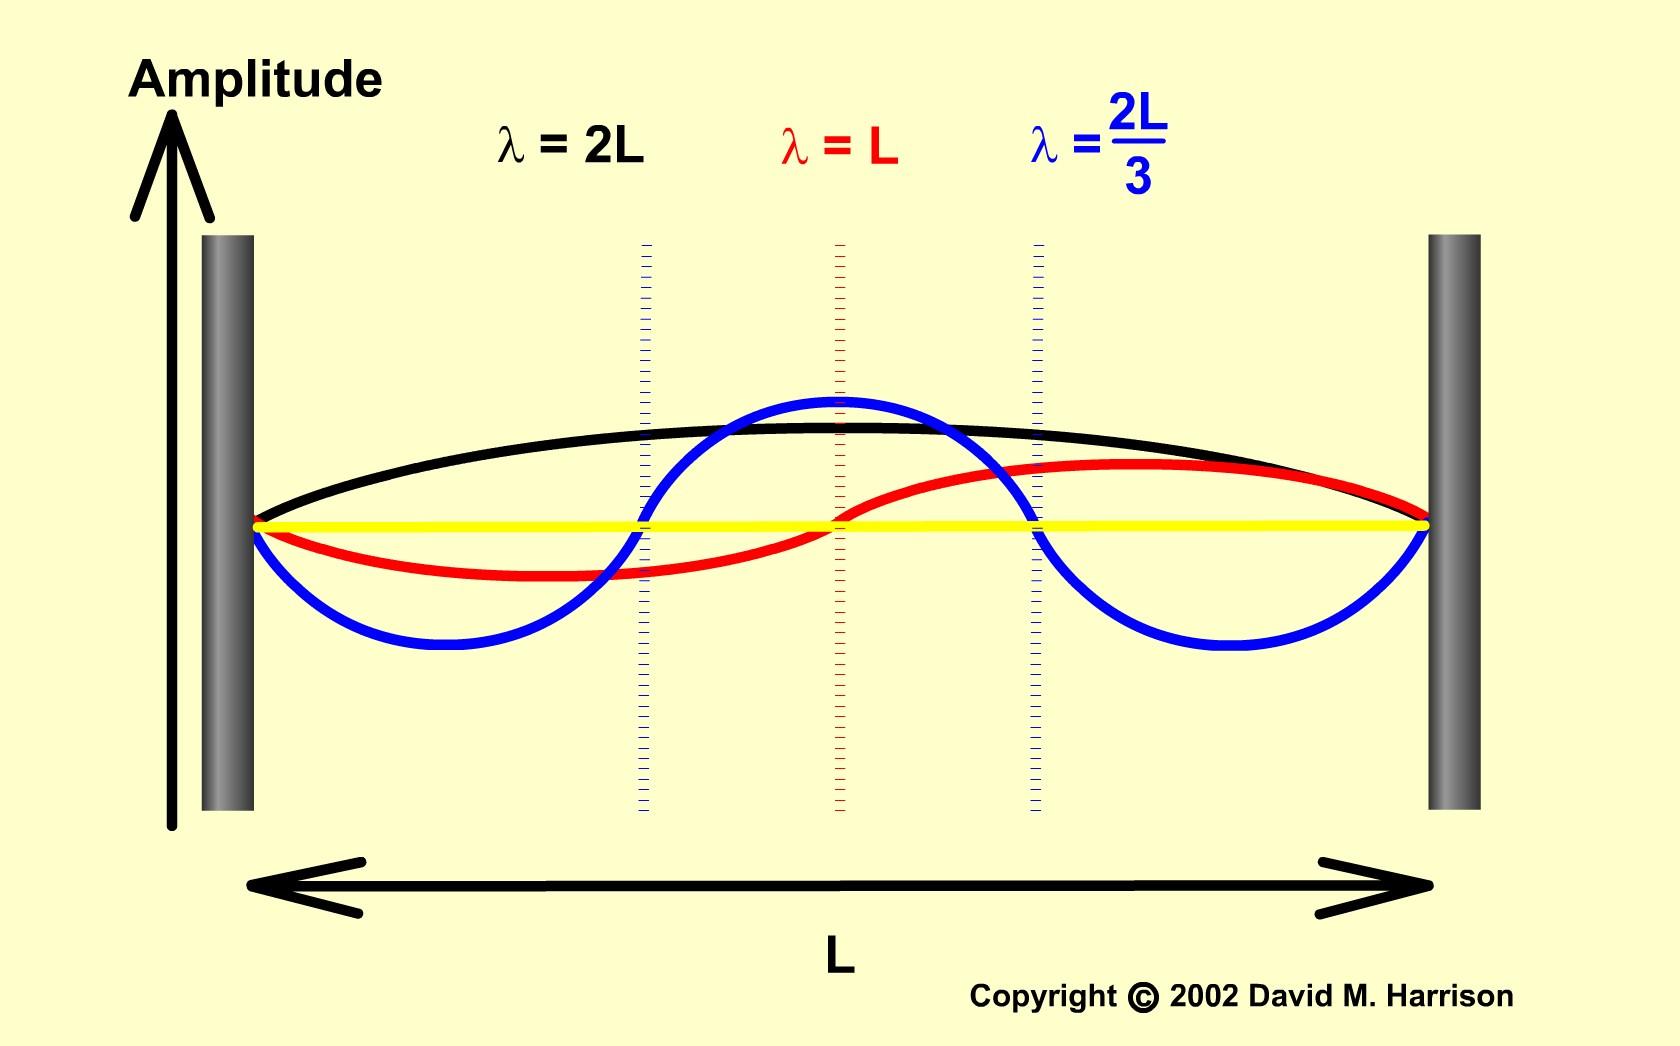 Noduri şi ventre. În noduri nu se oscilează. În ventre se oscilează cu amplitudini maxime.